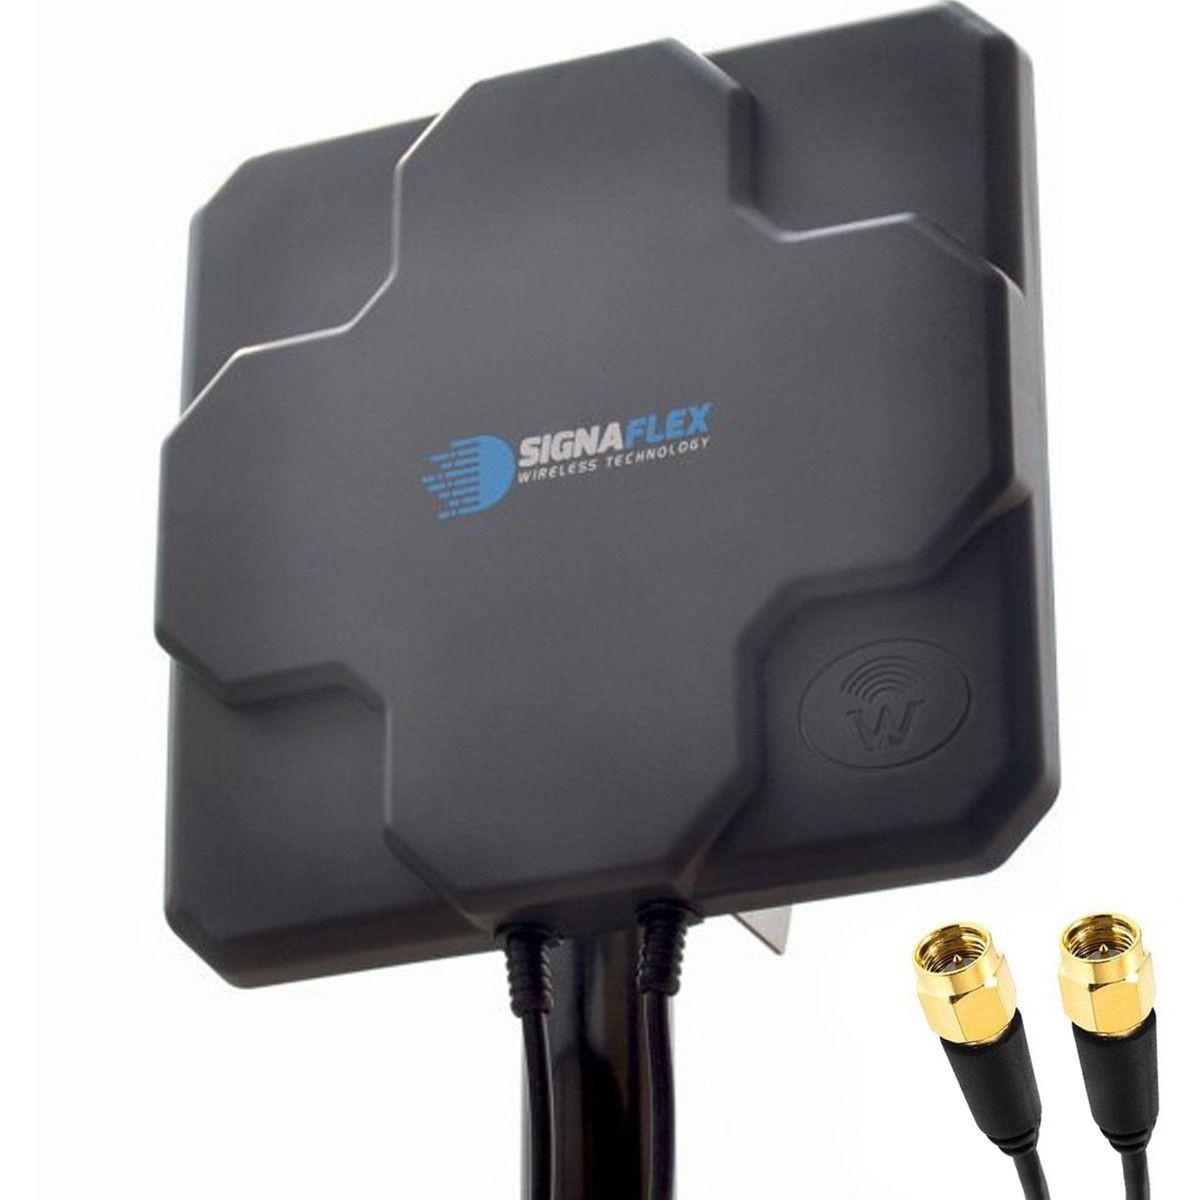 DUŻA Antena X-CROSS DUAL 2x 22dbi 4G LTE 2x 10m 2x SMA zew.